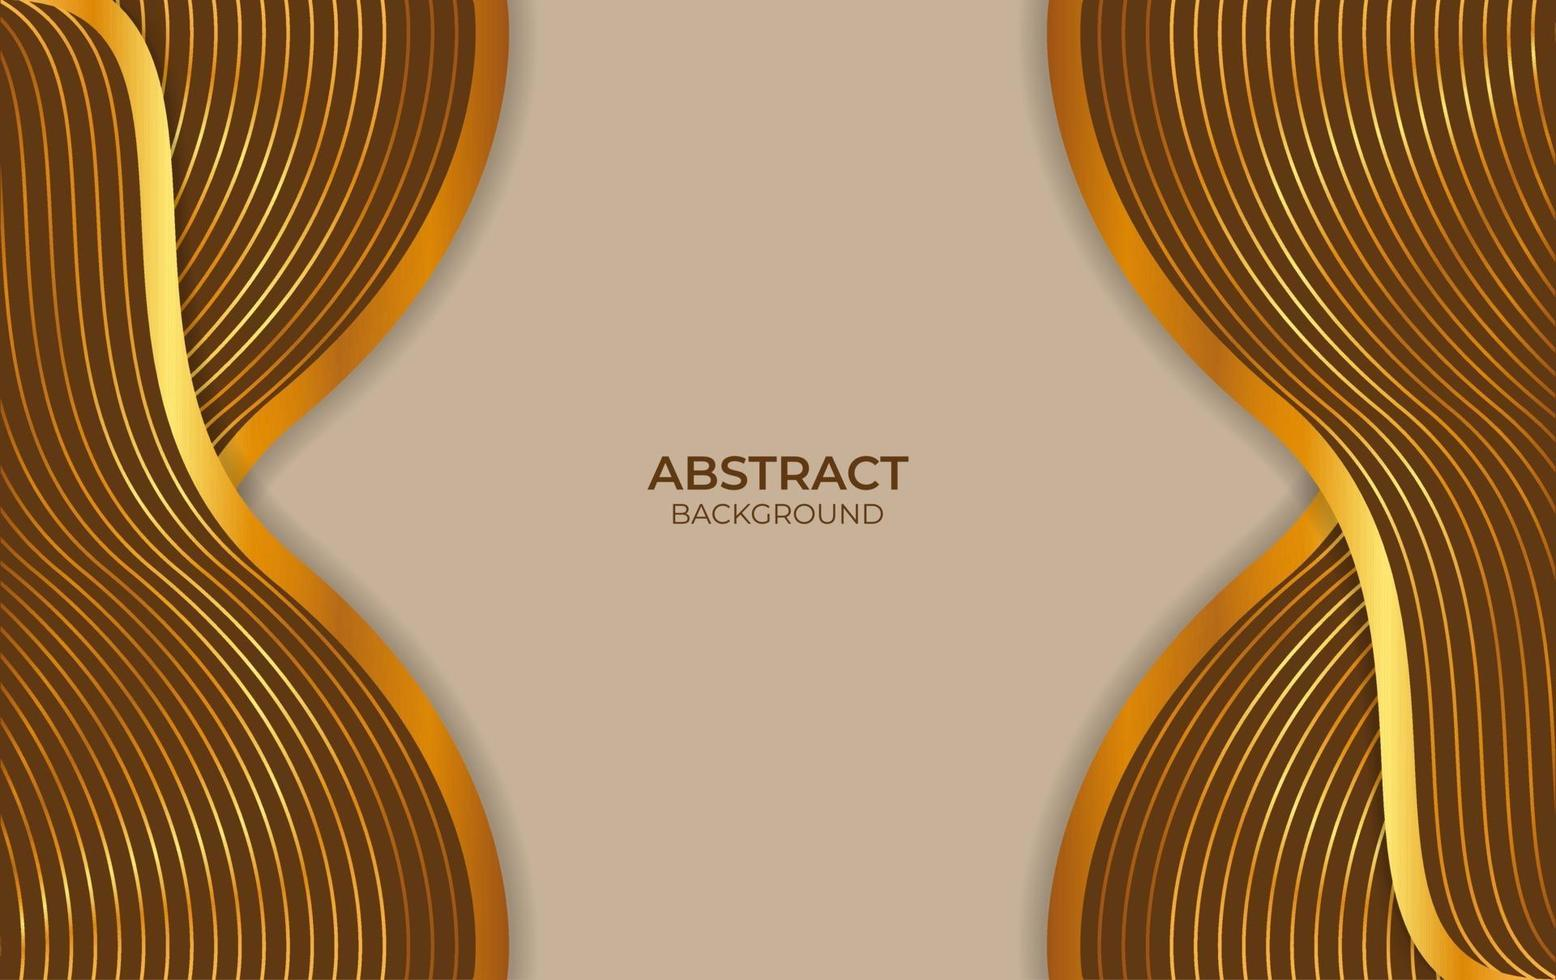 abstract ontwerp als achtergrond bruin en goud vector